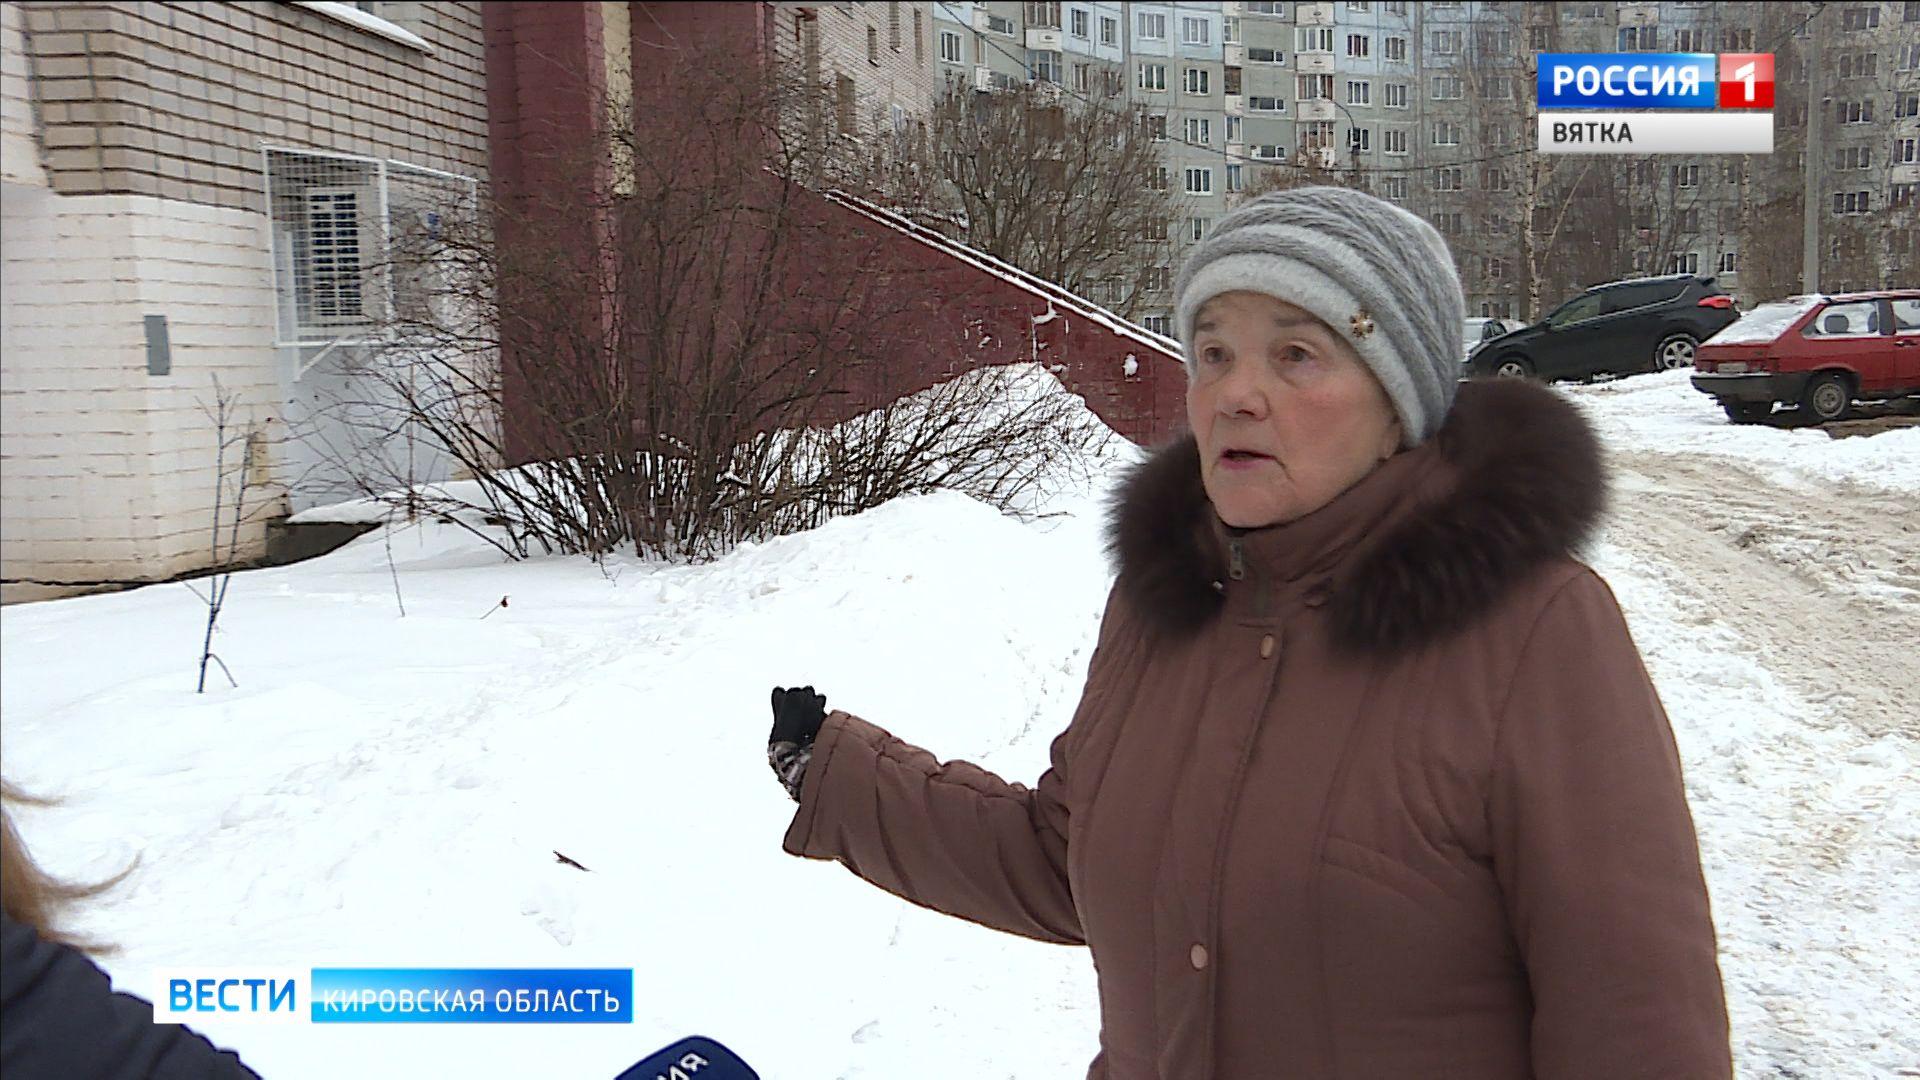 Жители на Ульяновской жалуются на шум от кондиционеров продуктового магазина на первом этаже